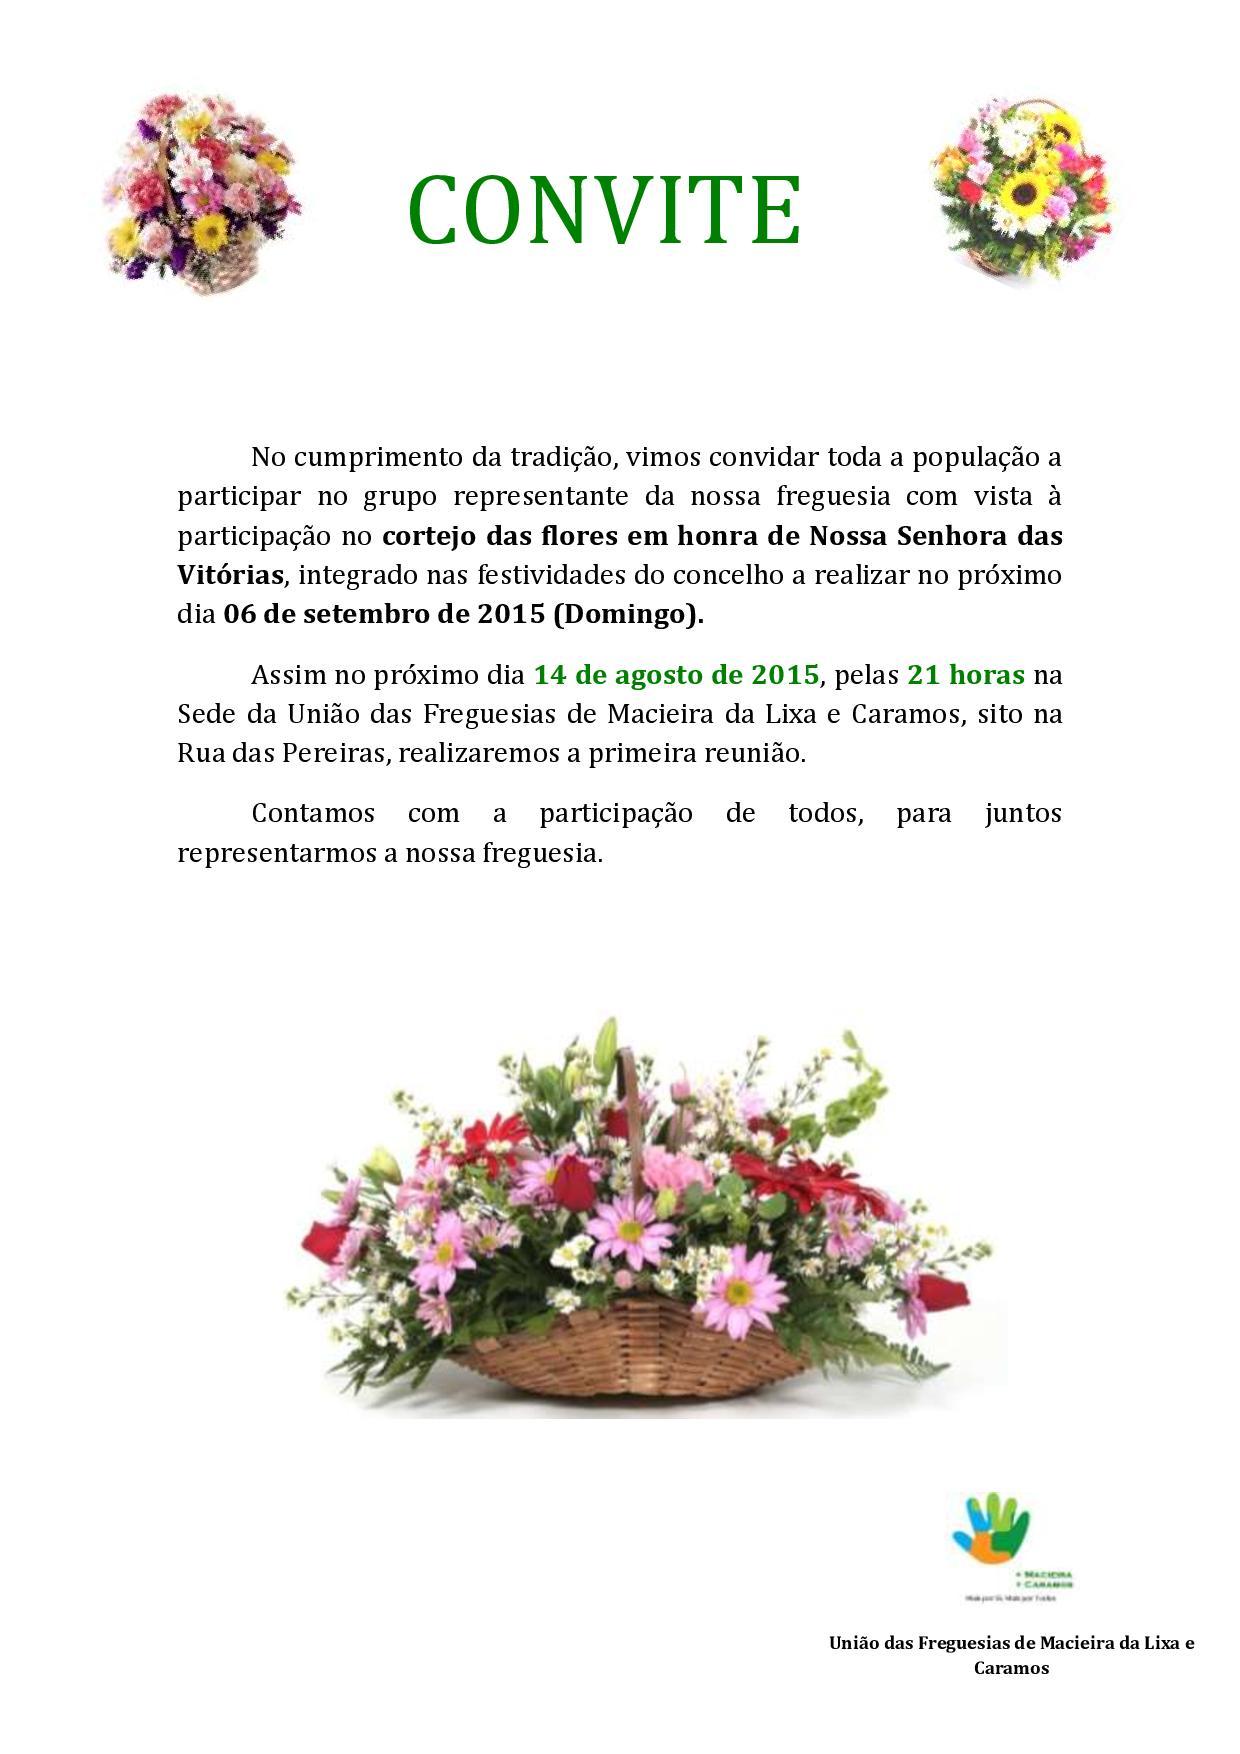 Convite_Cortejo das Flores_vitorias-page-001